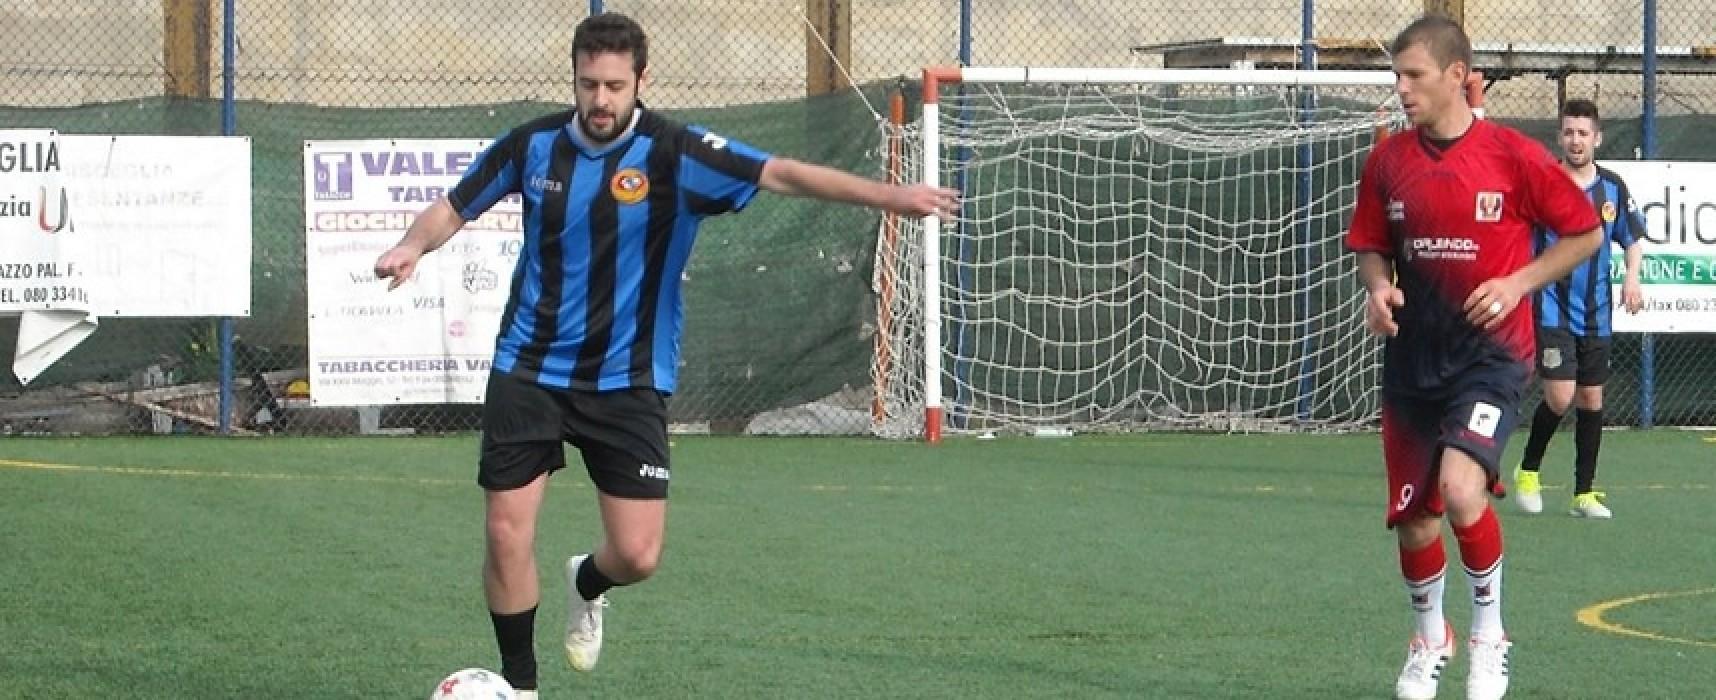 Il Santos Club conferma il laterale Gianluca Di Benedetto